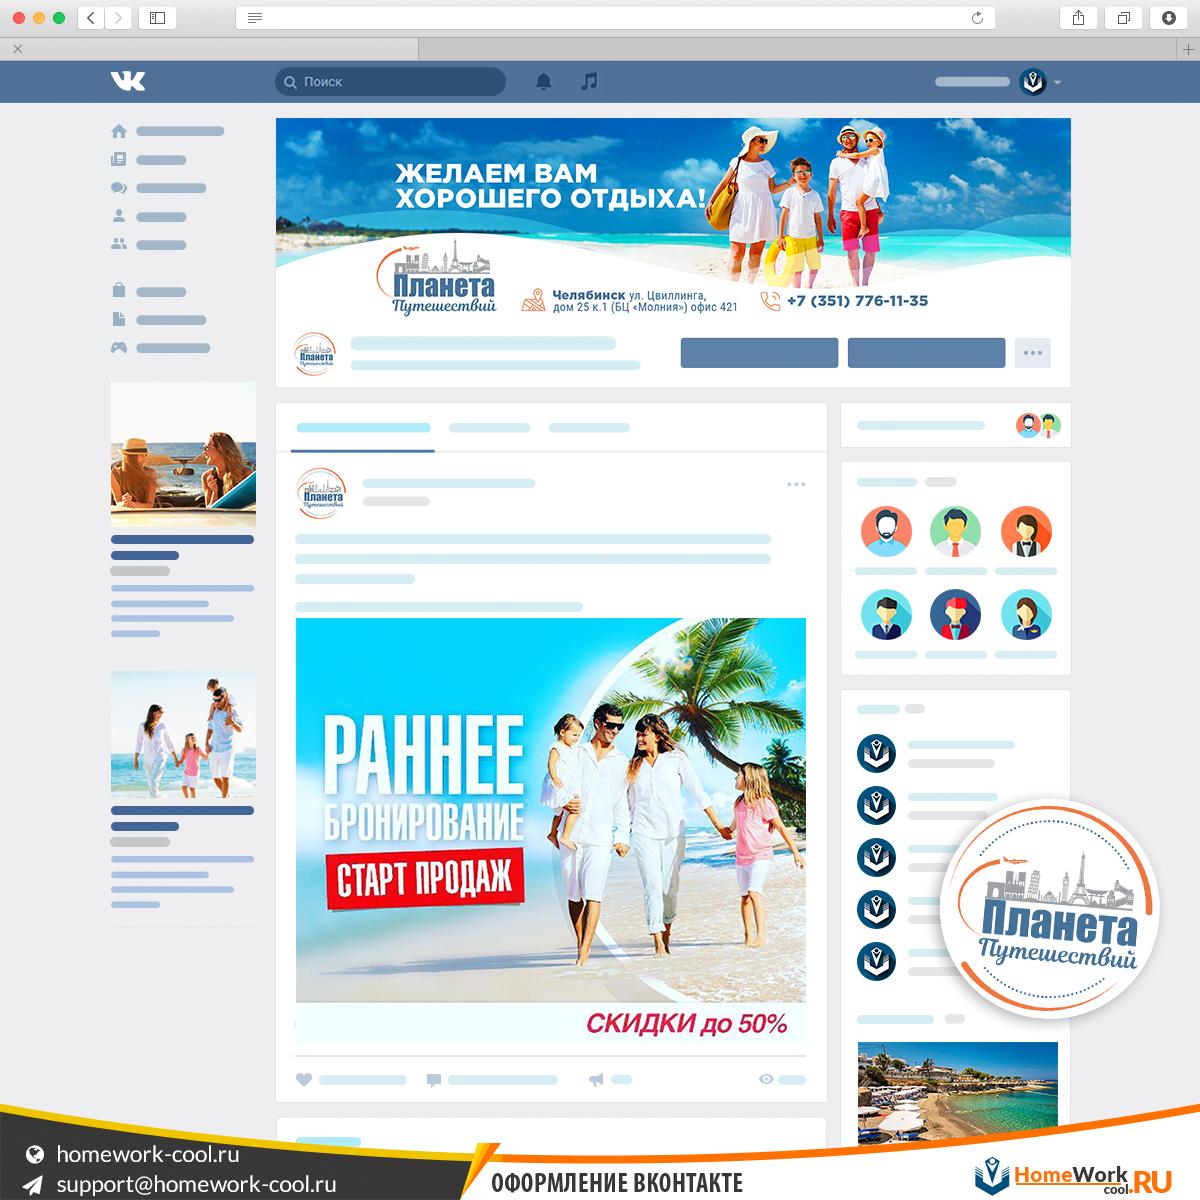 Оформление группы ВКонтакте — «Планета путешествий»